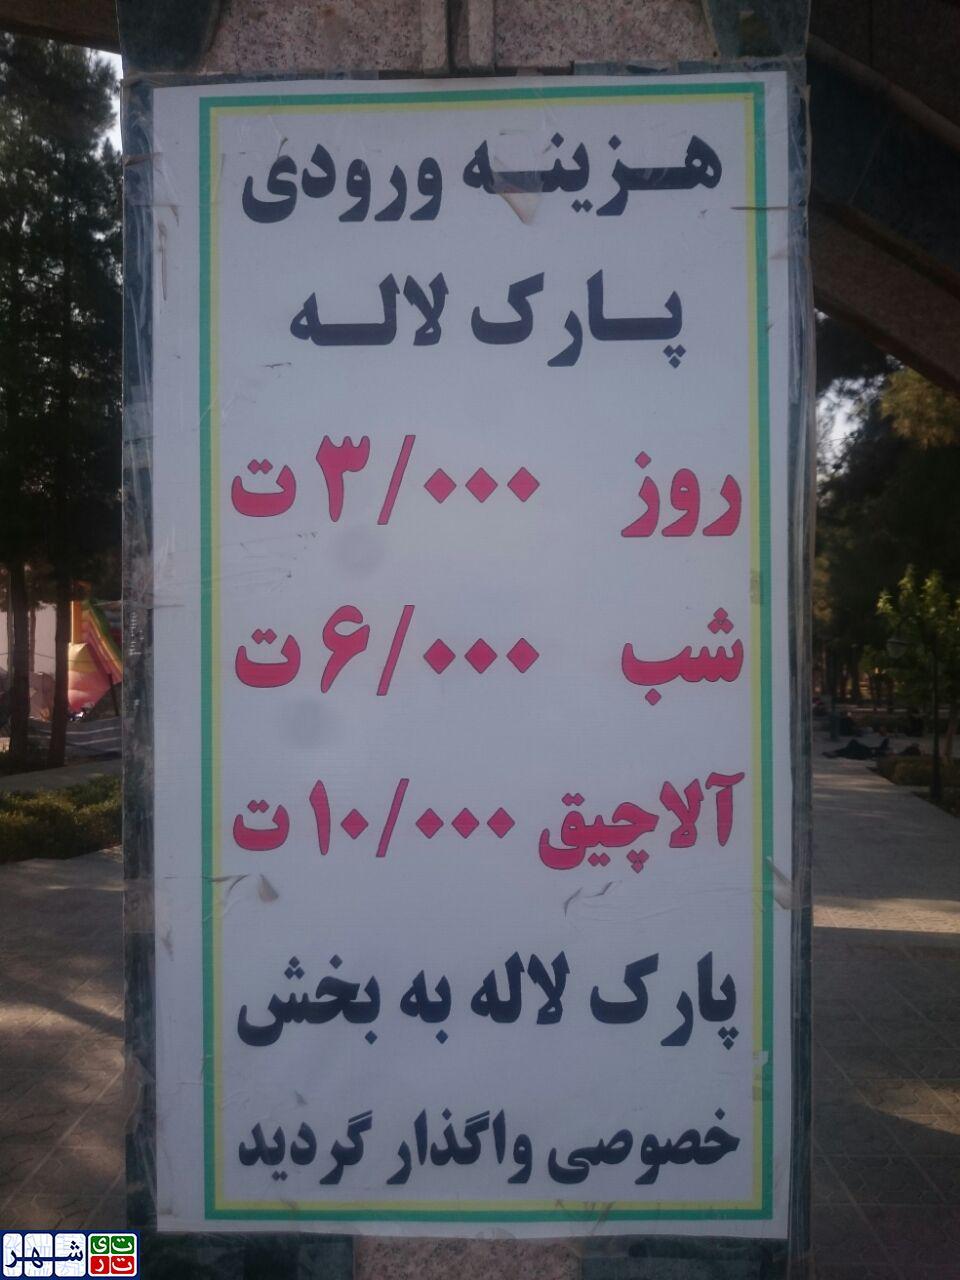 هر پارک لاله ای پارک لاله تهران نیست!/ شهروندان هر شایعه ای را در فضای مجازی باور نکنند